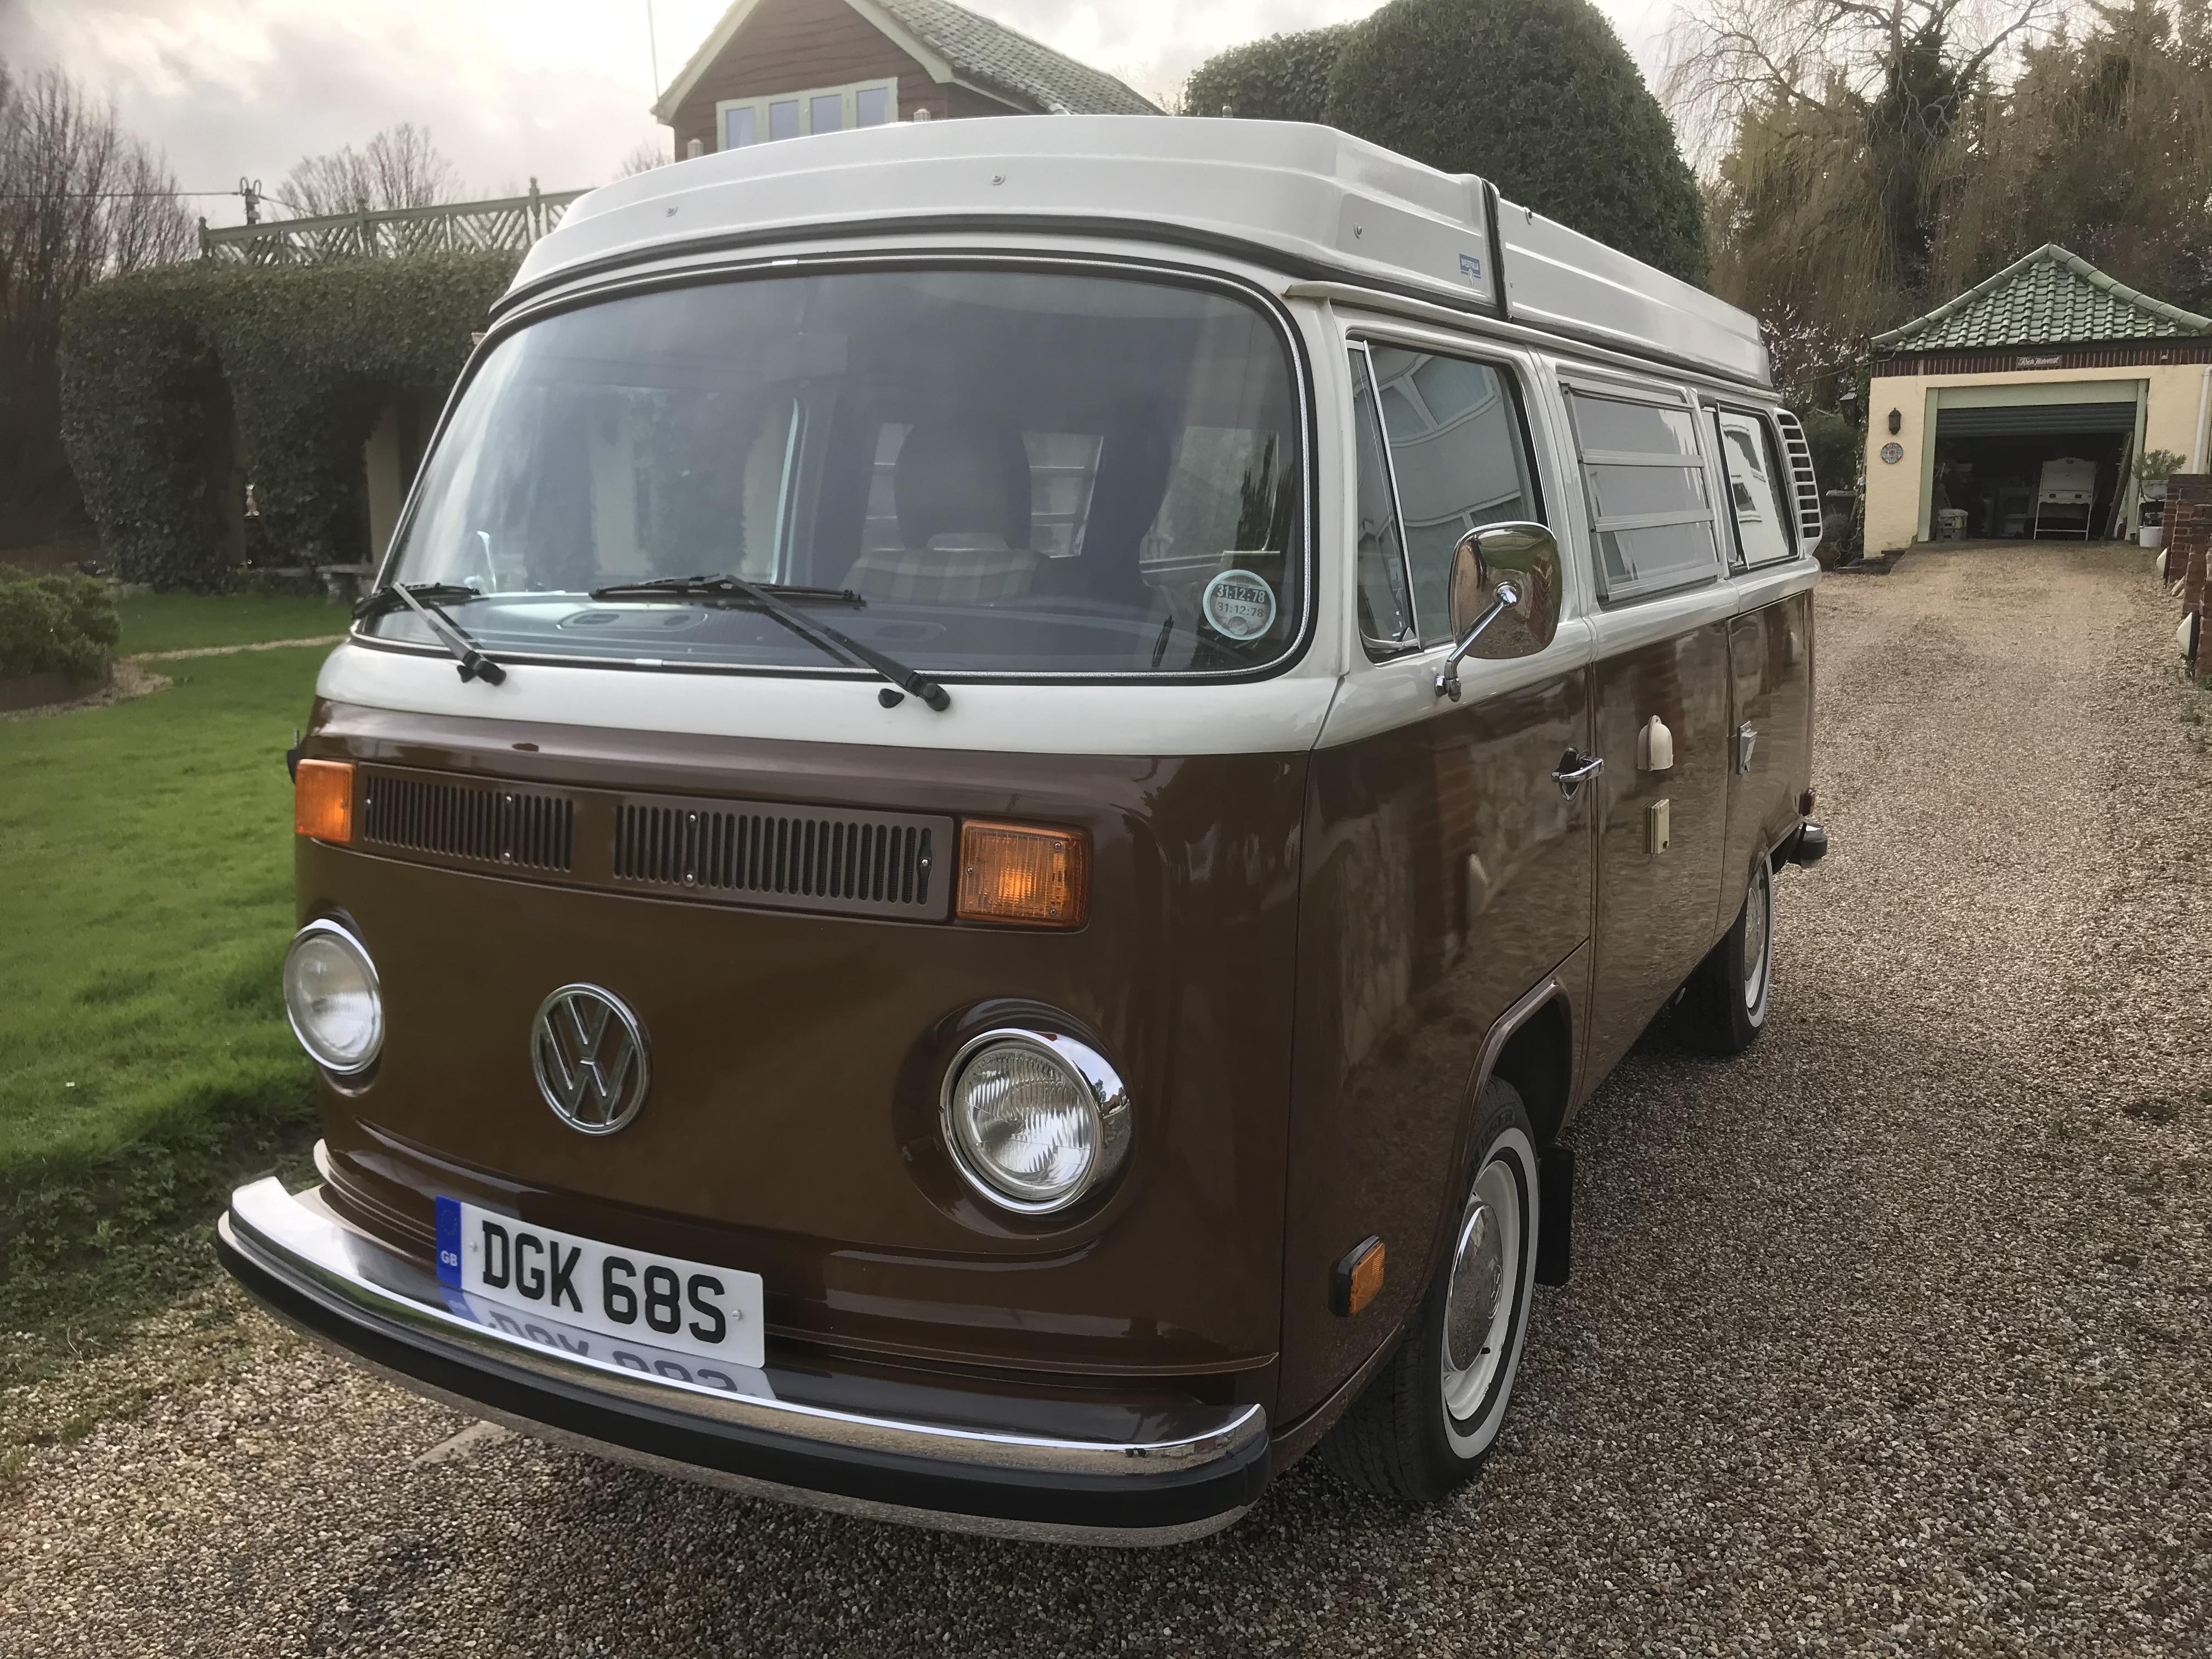 westfalia-campervan-for-sale